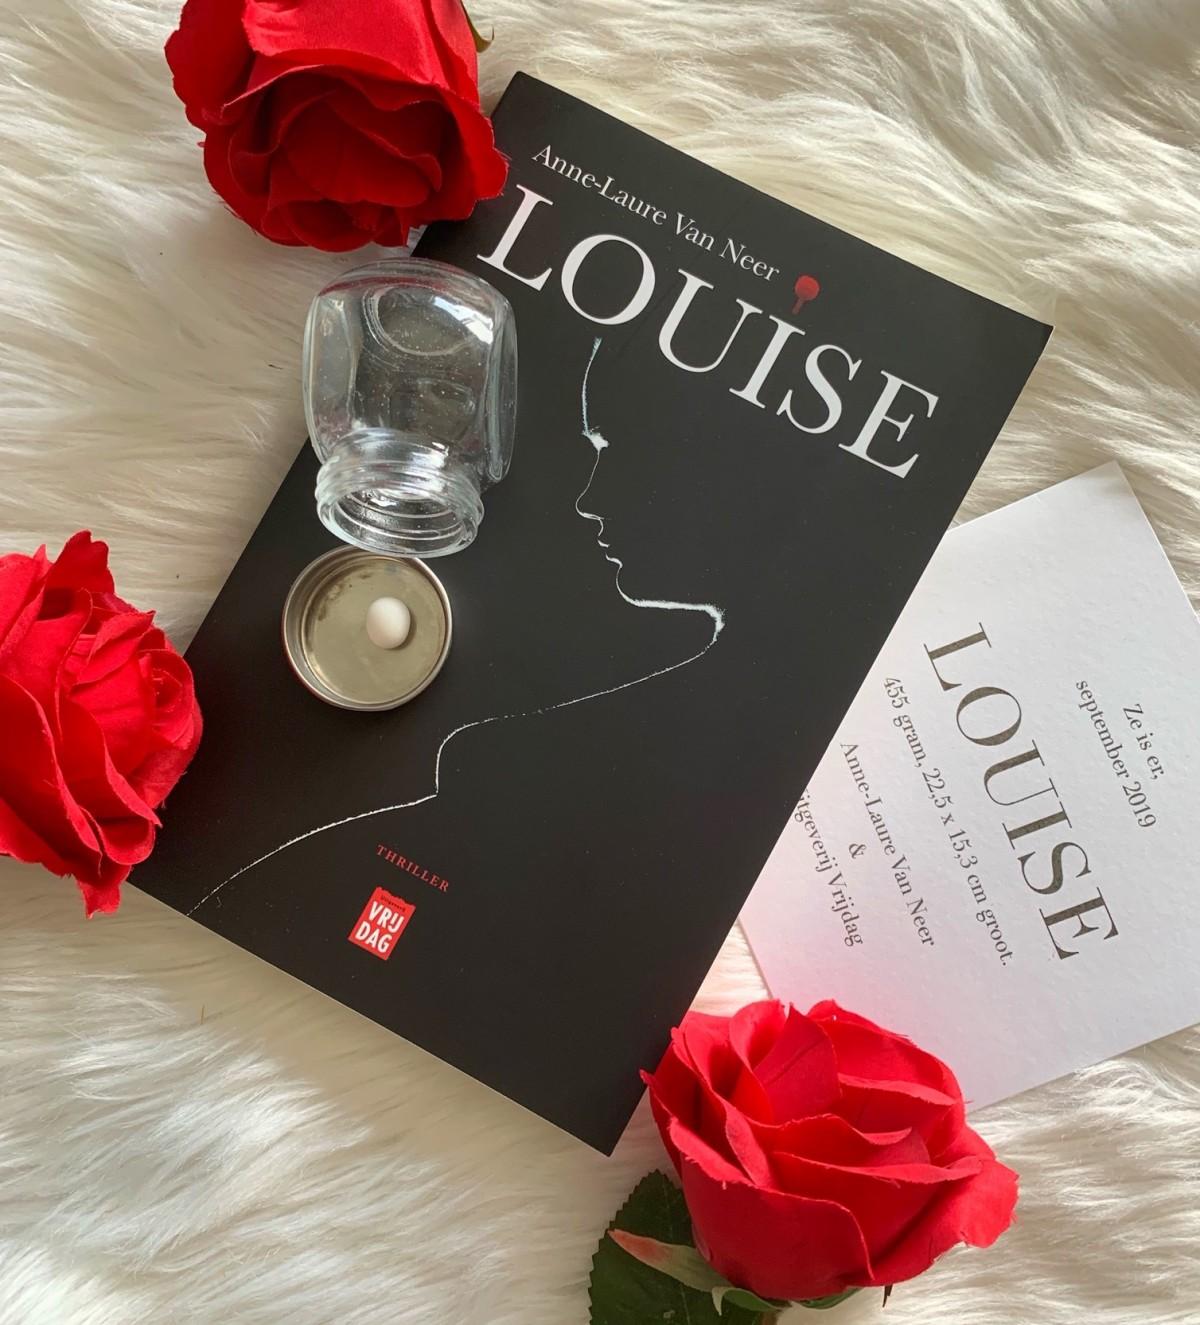 Louise – Anne-Laure vanNeer